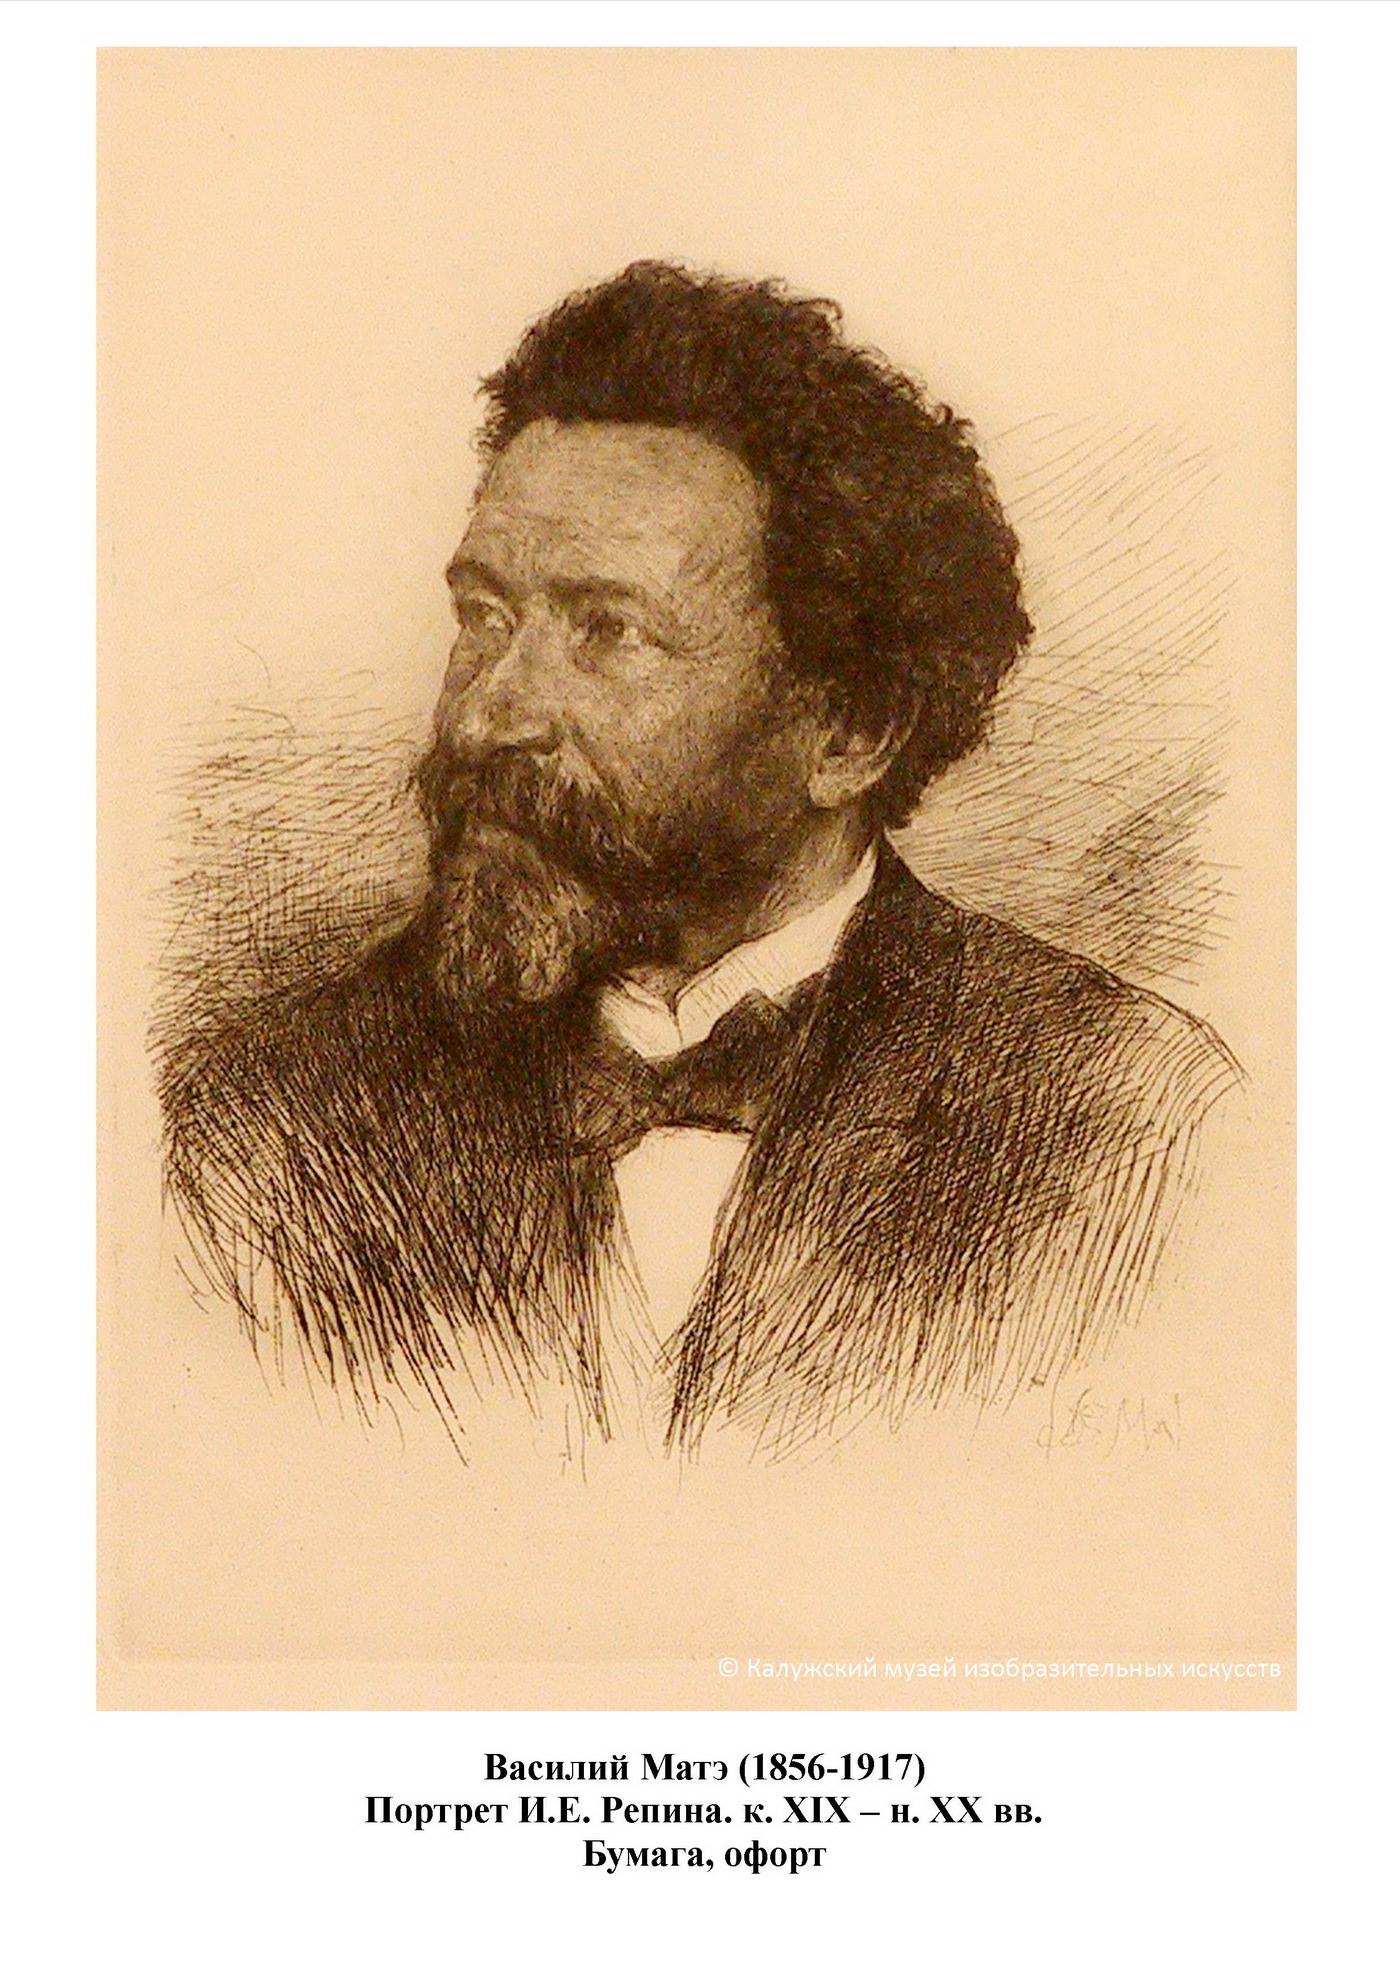 Выставка одной картины « Василий Матэ (1856-1917). Портрет И.Е. Репина. к. XIX – н. ХХ вв.»